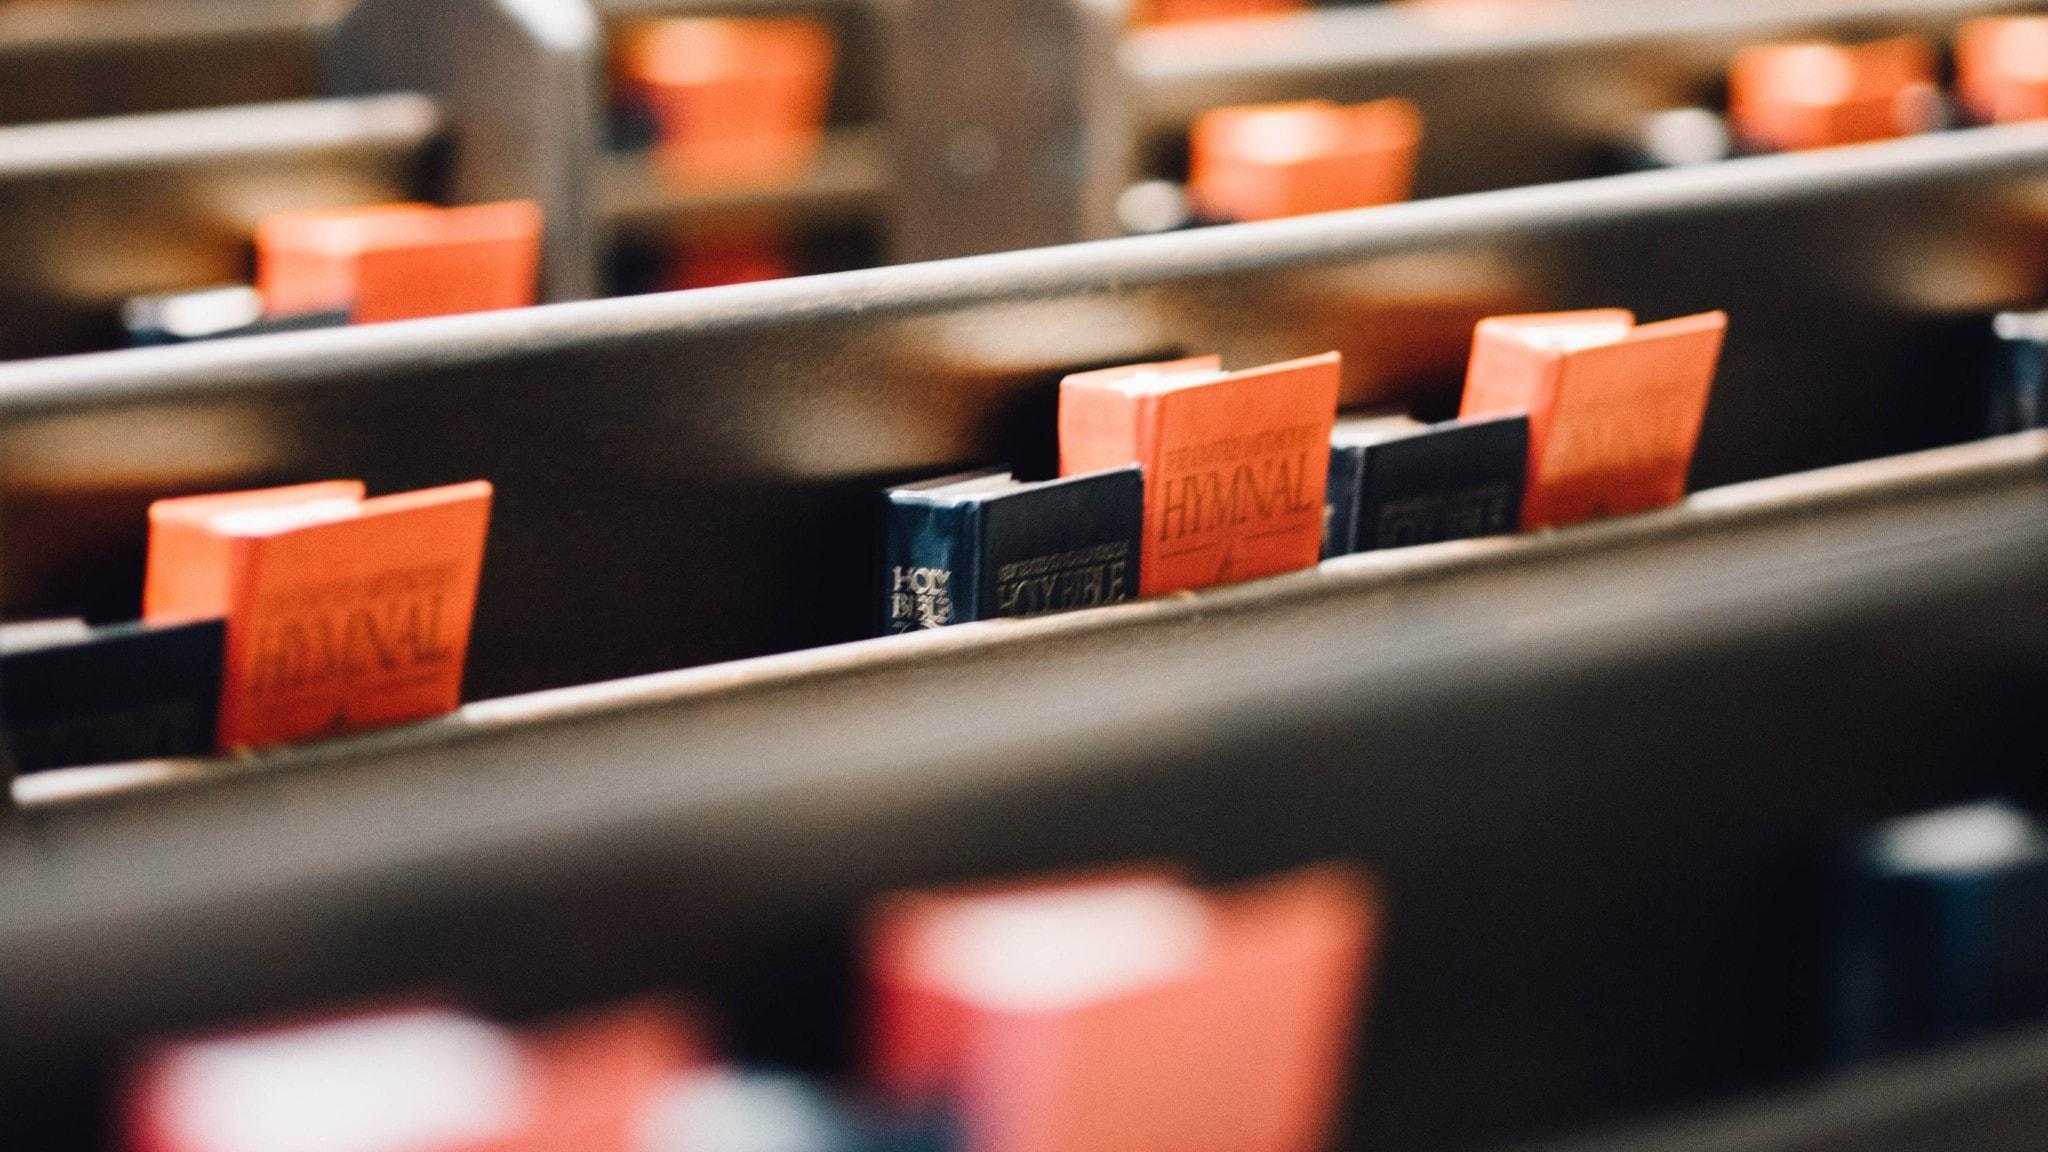 Kyrkobänkar med psalmhäften och bibeln, men inga människor.